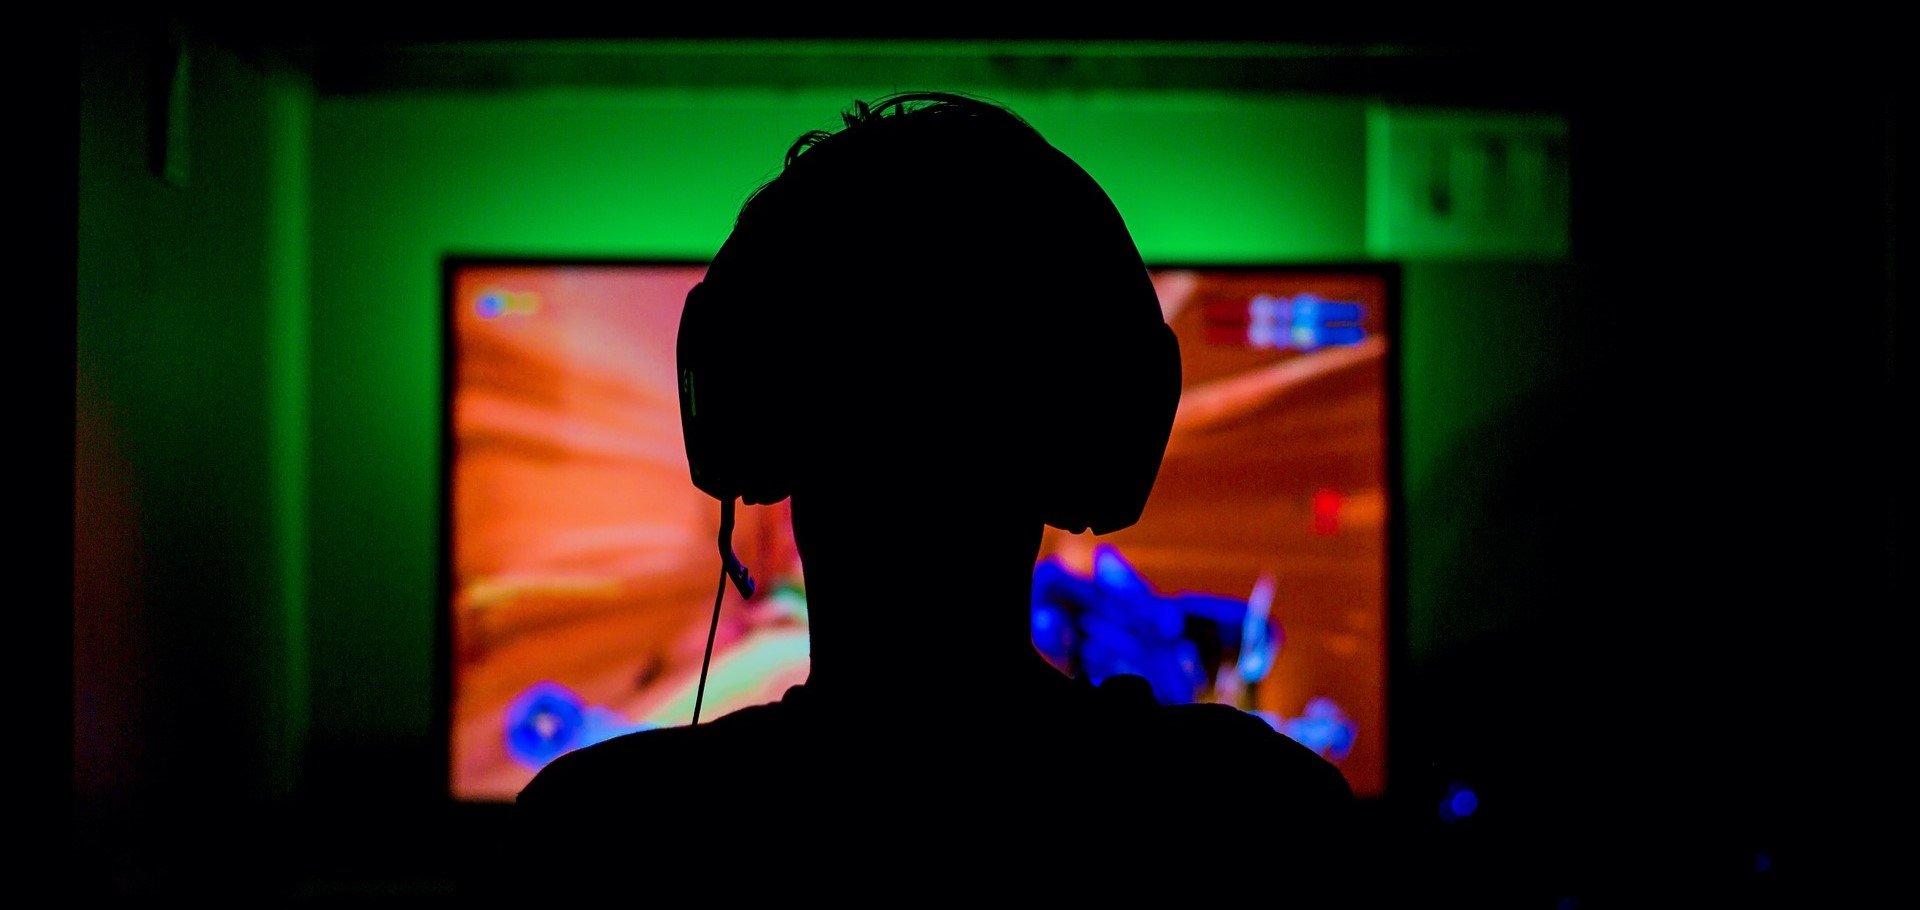 computer-3923644_1920